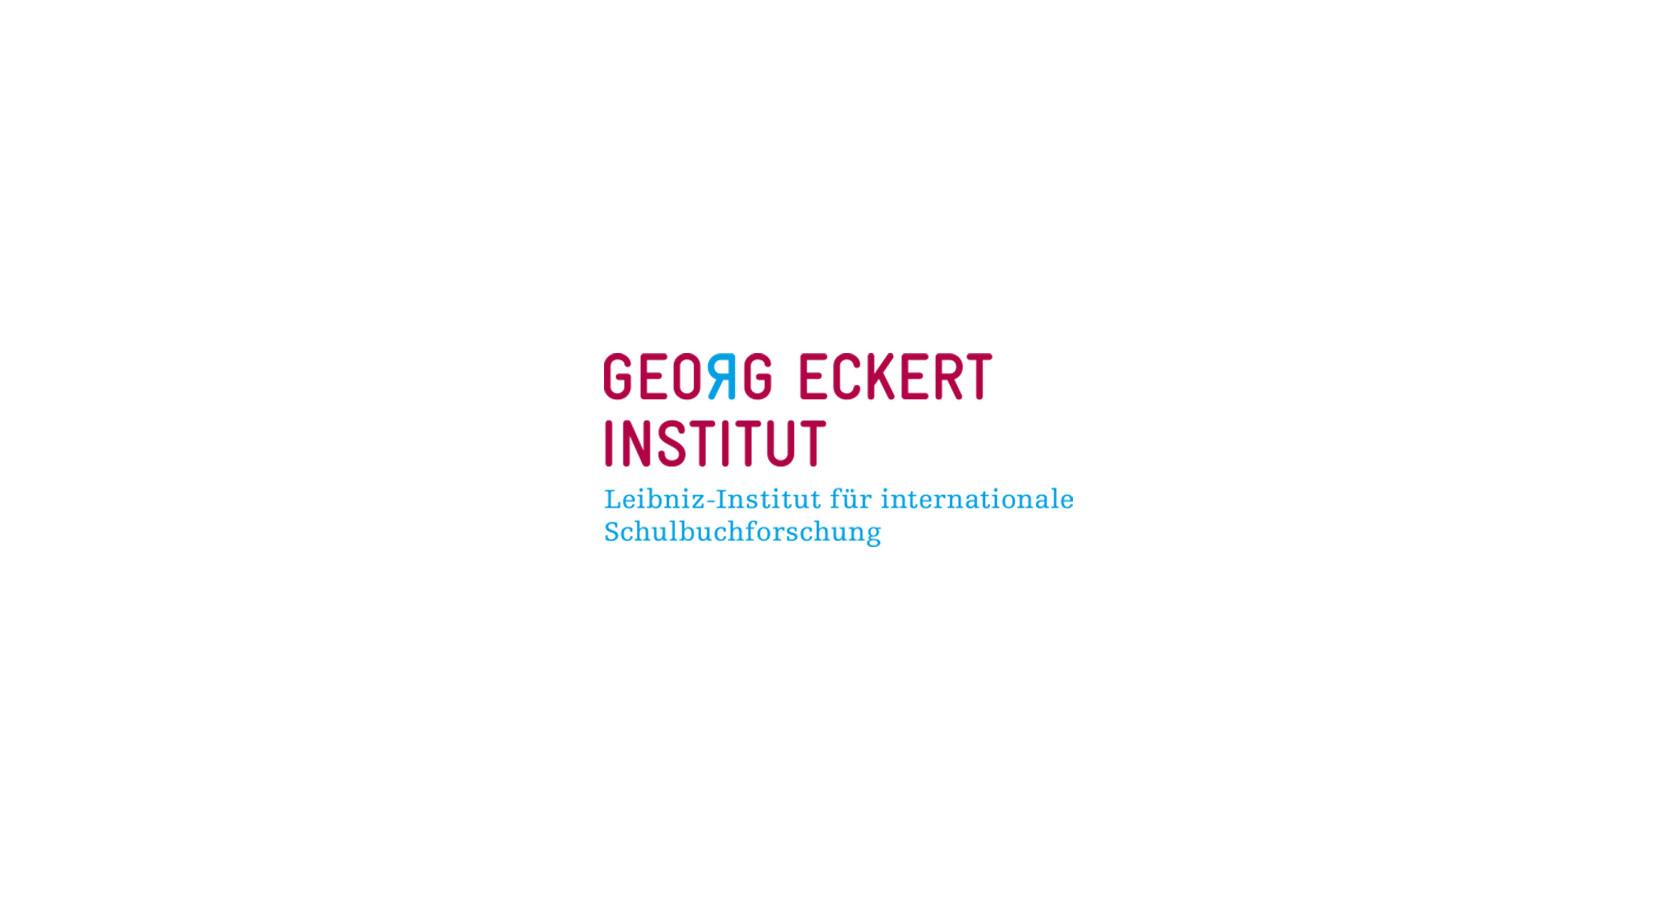 Logo des Georg-Eckert-Institut